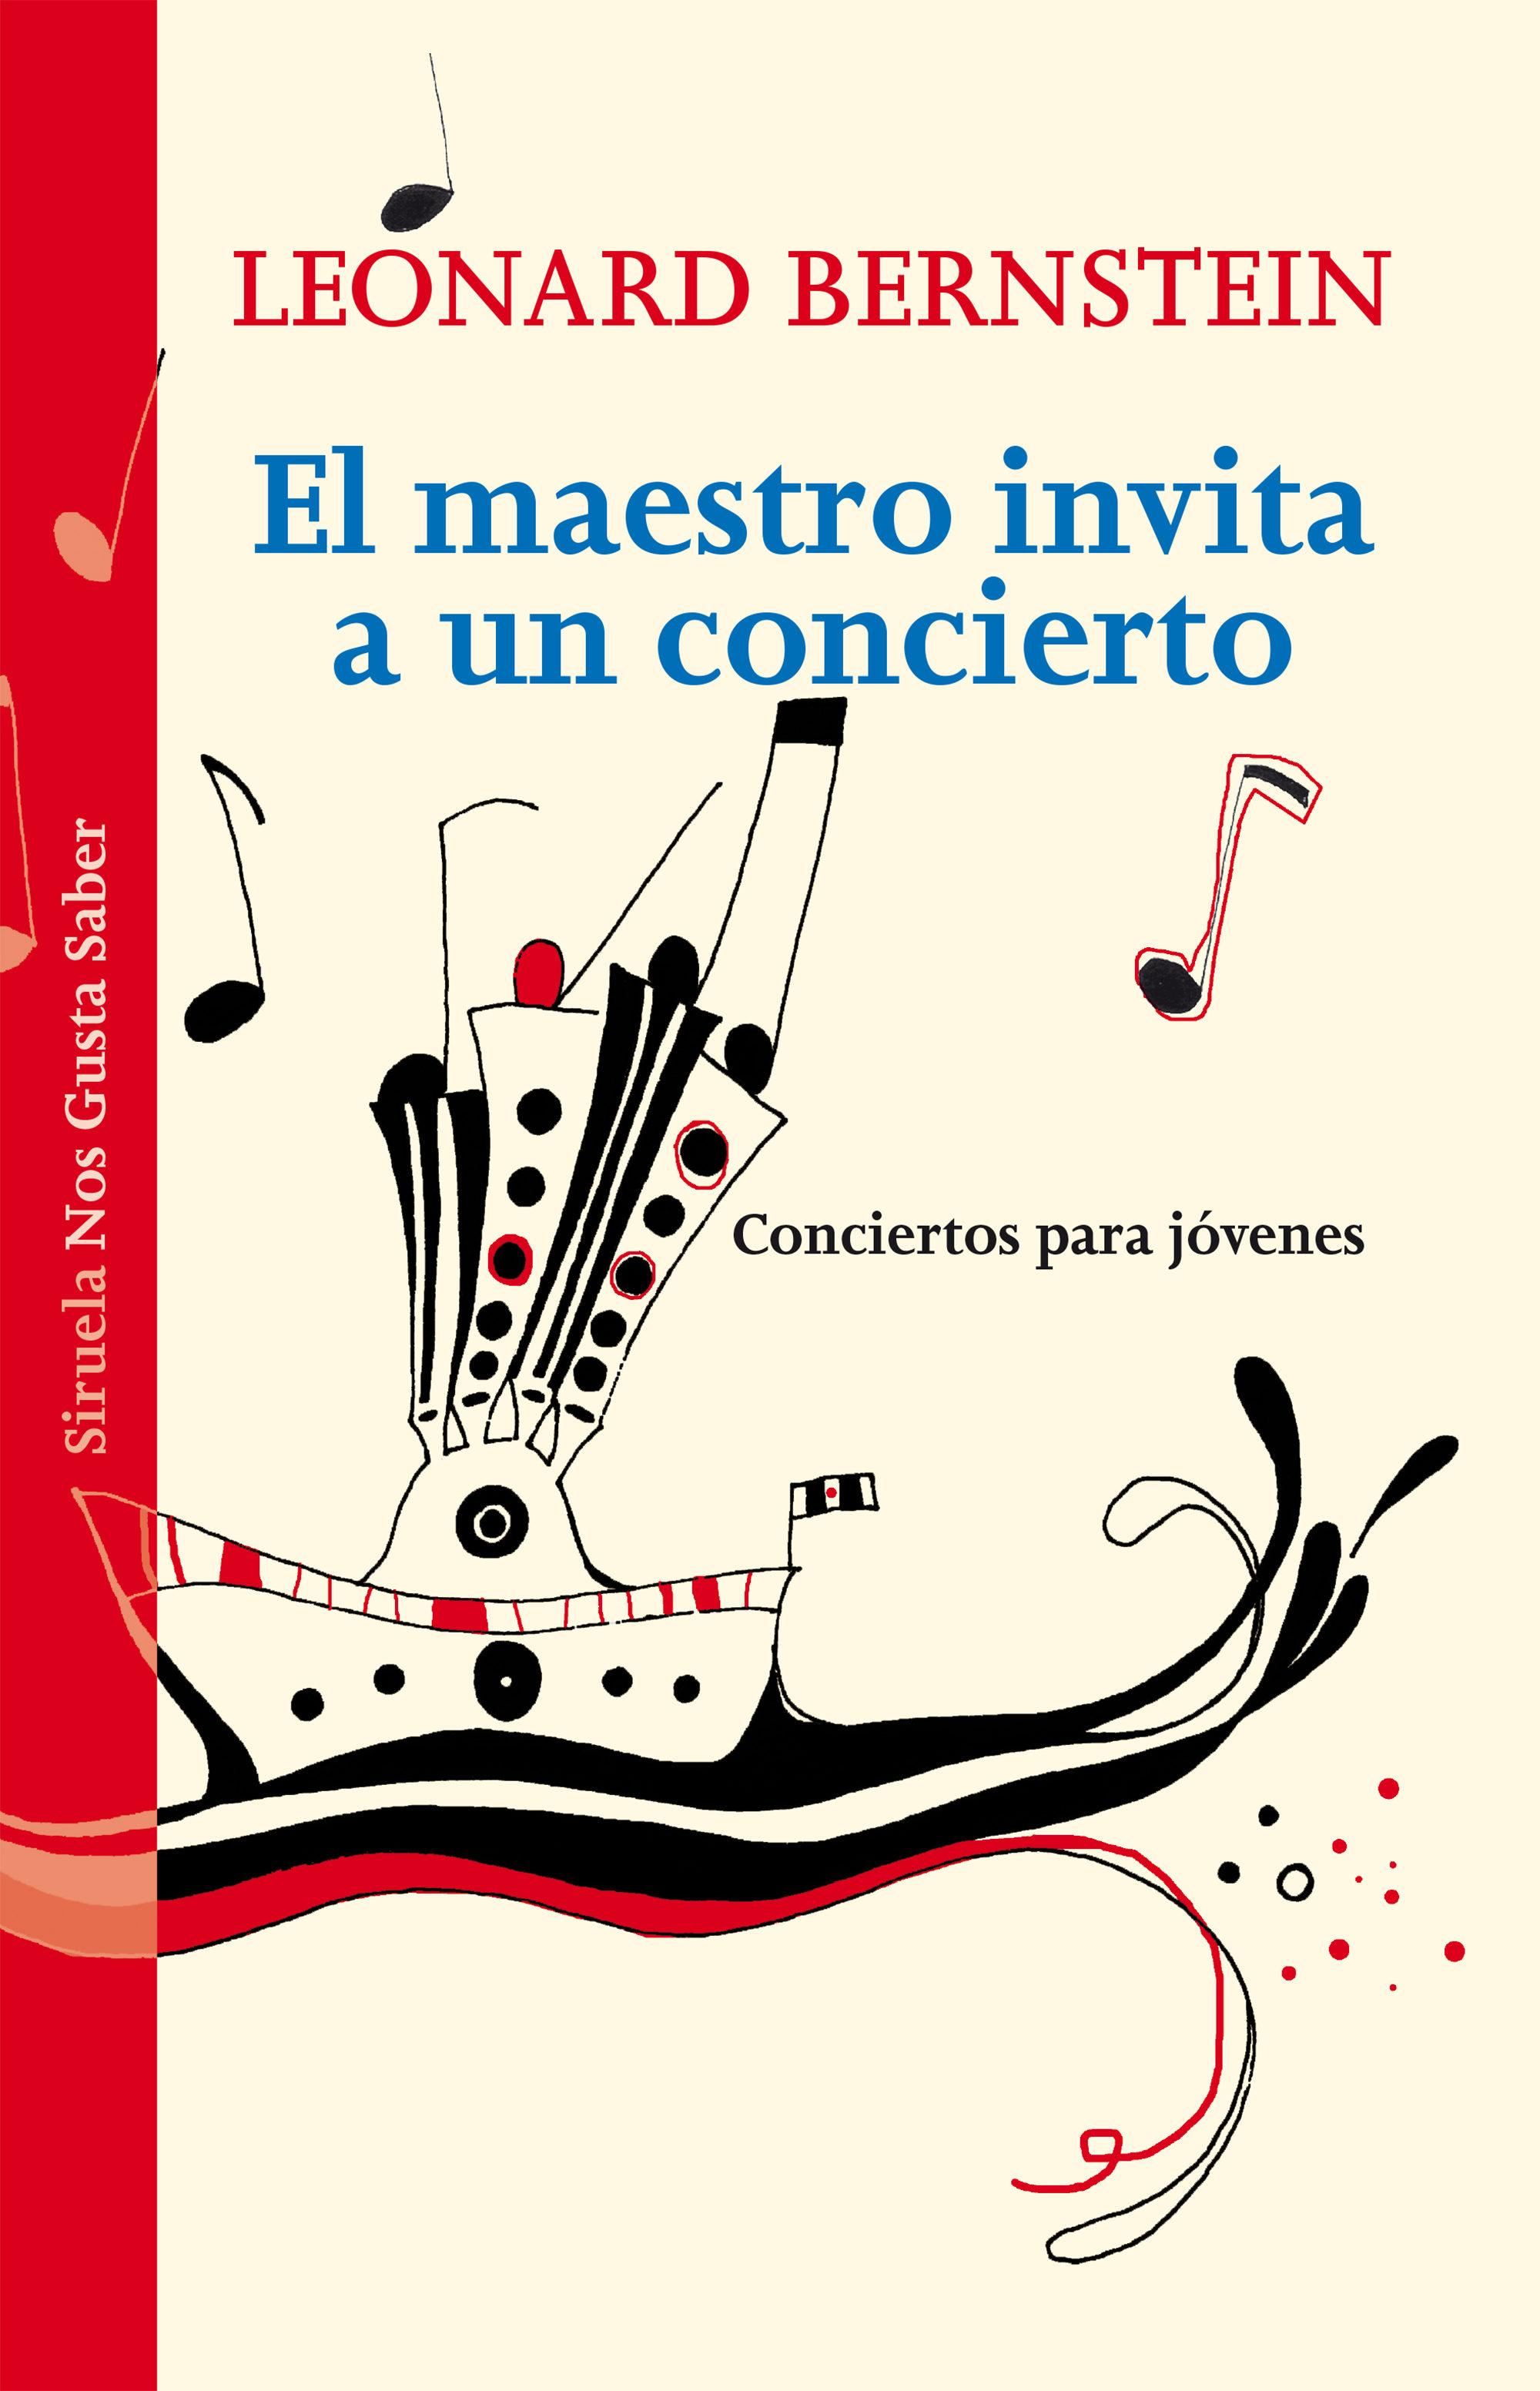 El maestro invita a un concierto (las tres edades / nos gusta saber) leonard bernstein